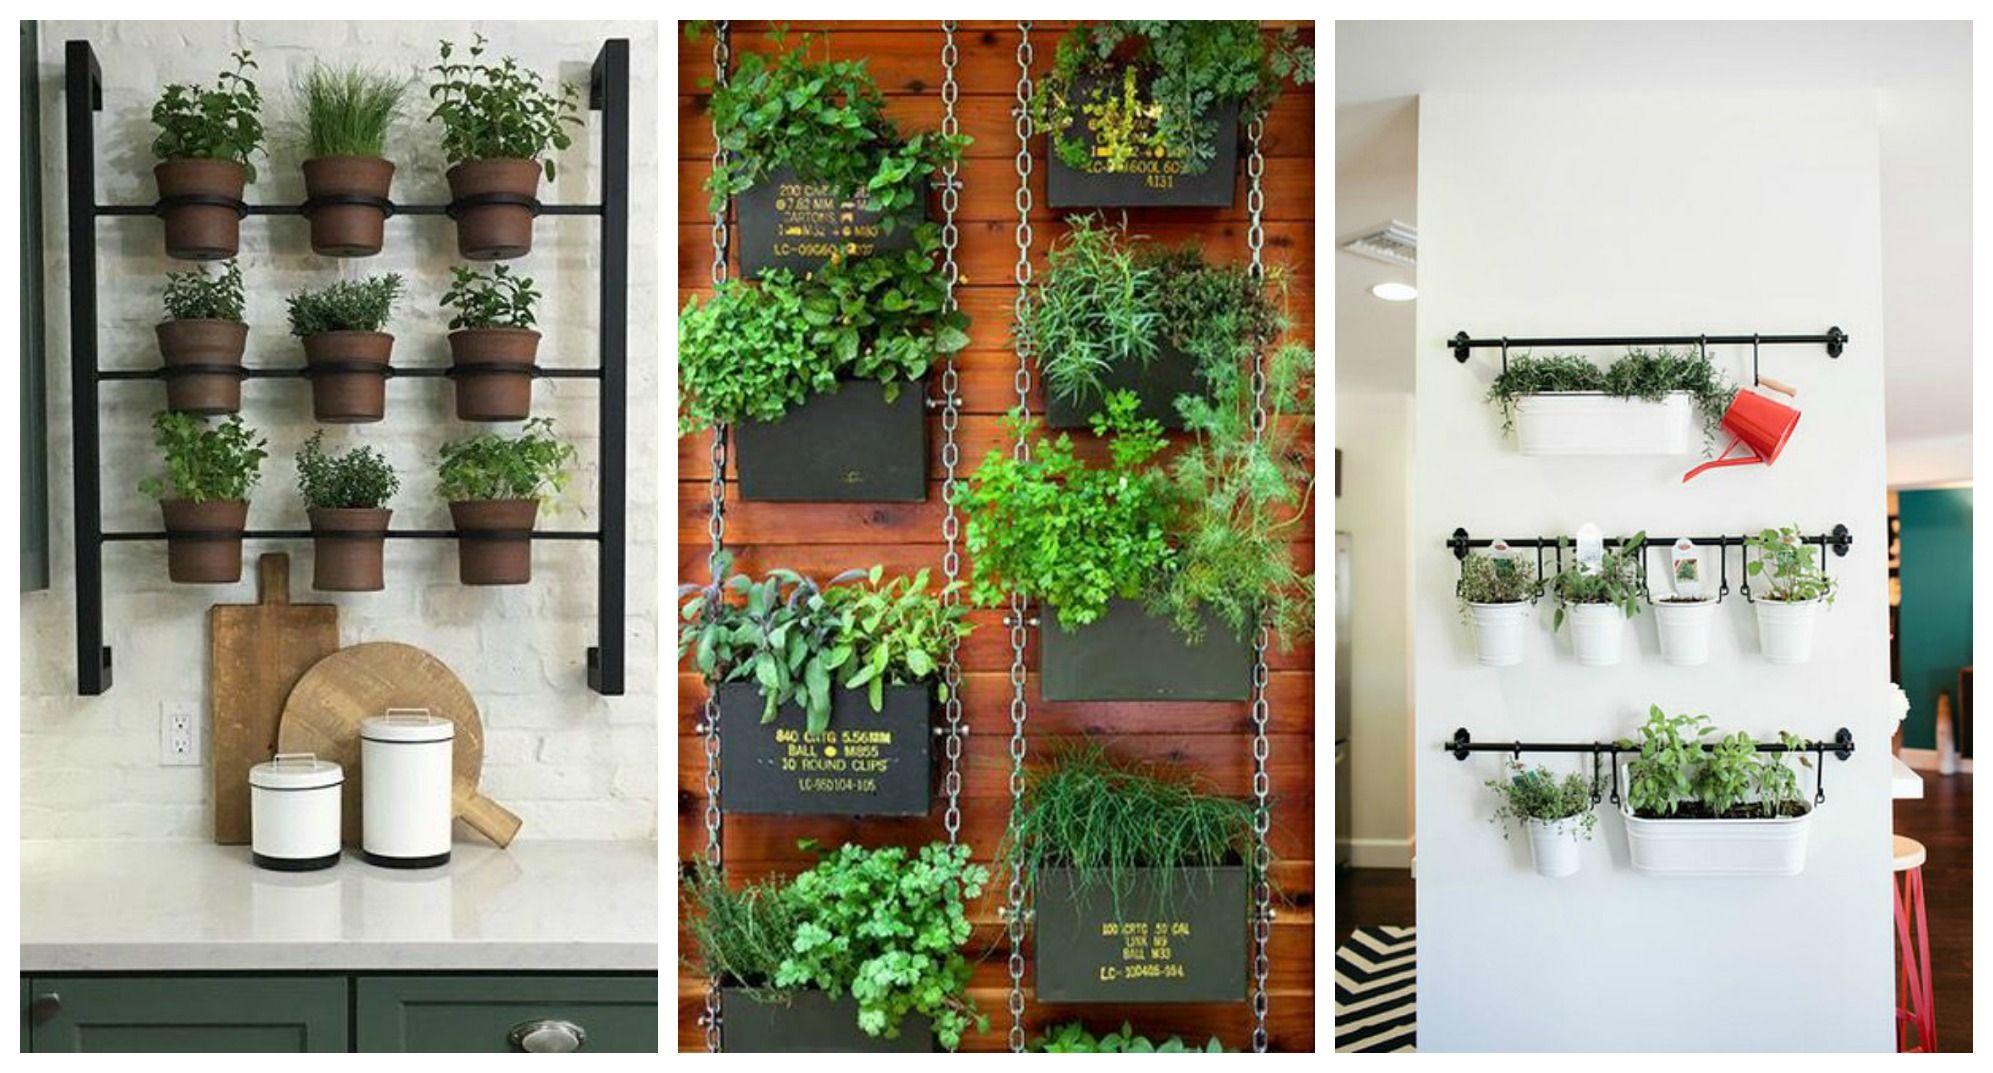 Come decorare la tua cucina con le erbe aromatiche - Immagine 397118 ...